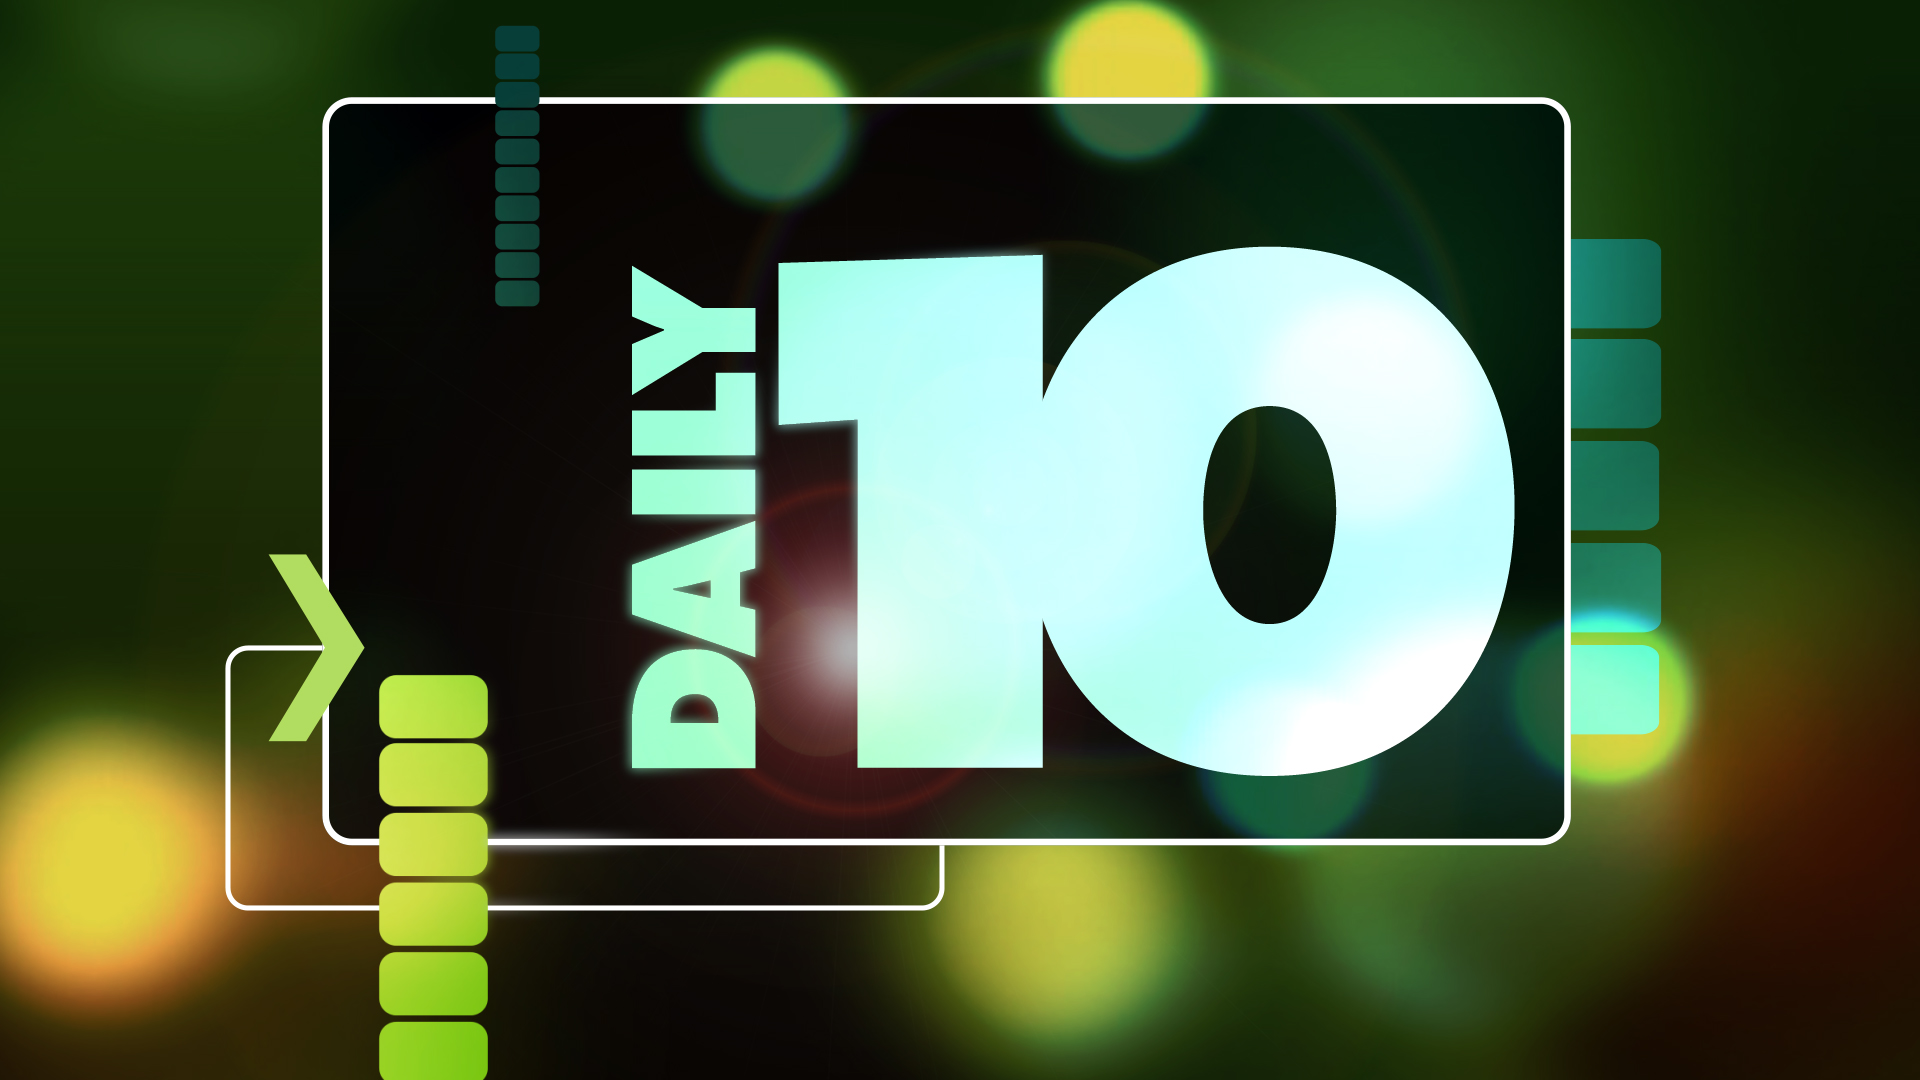 DAILY 10 - E! ENTERTAIMENT TELEVISION